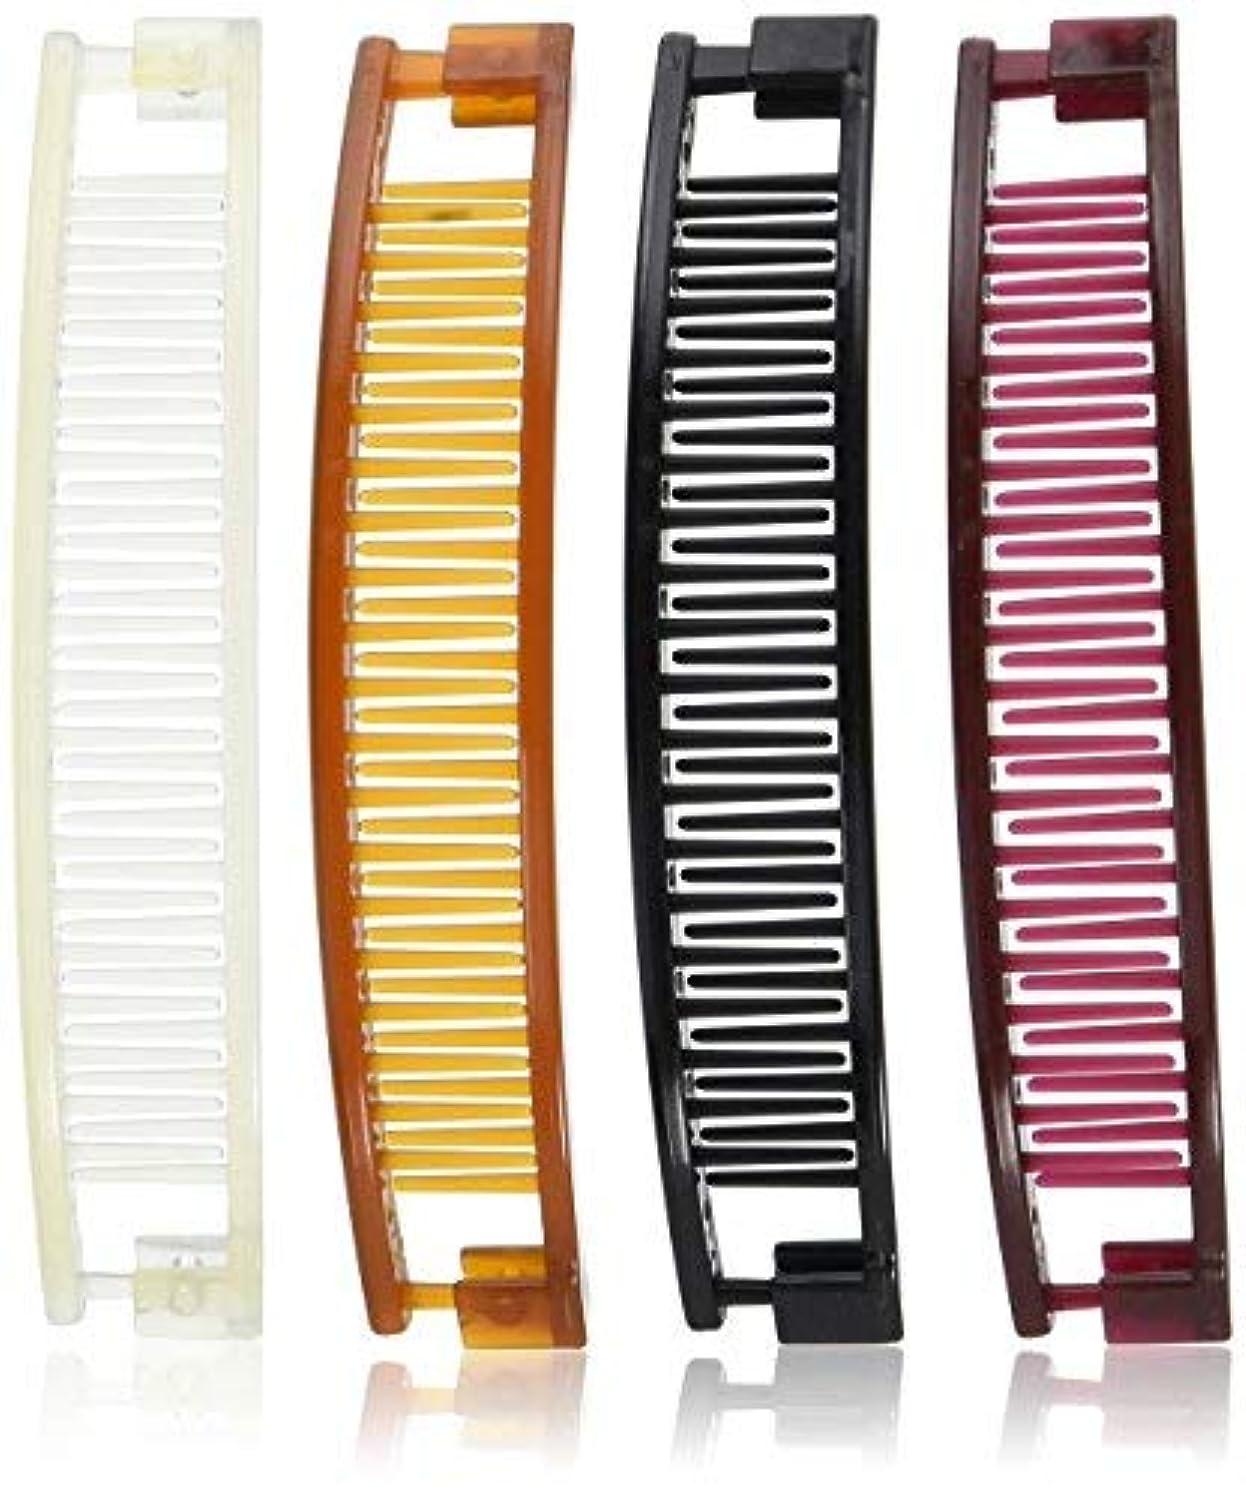 Goody Classics Clincher Comb, 5